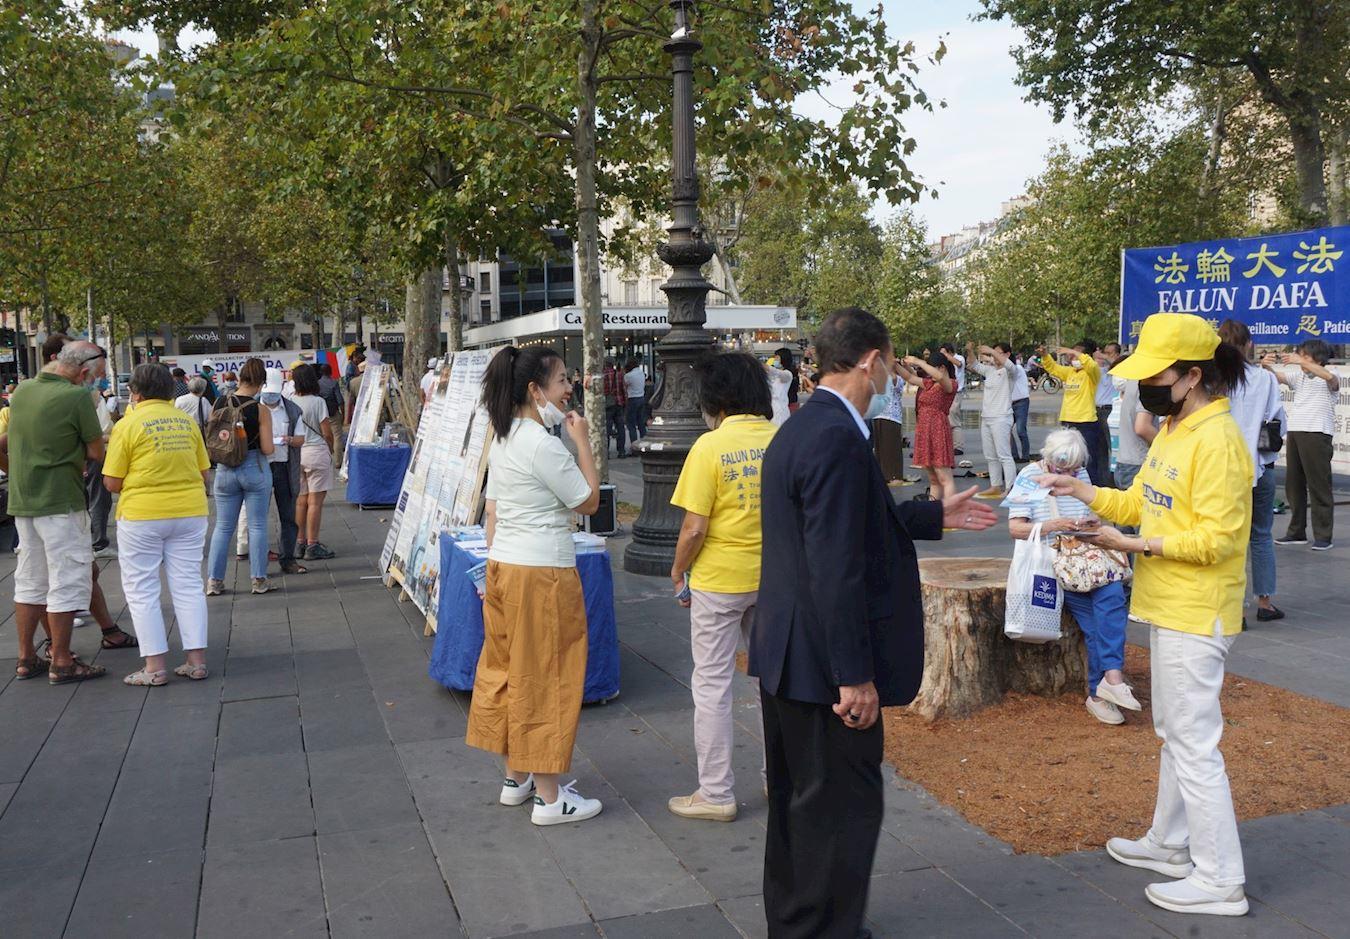 法輪功學員在巴黎「共和國廣場」舉辦真相信息日活動,向人們講真相。(明慧網)